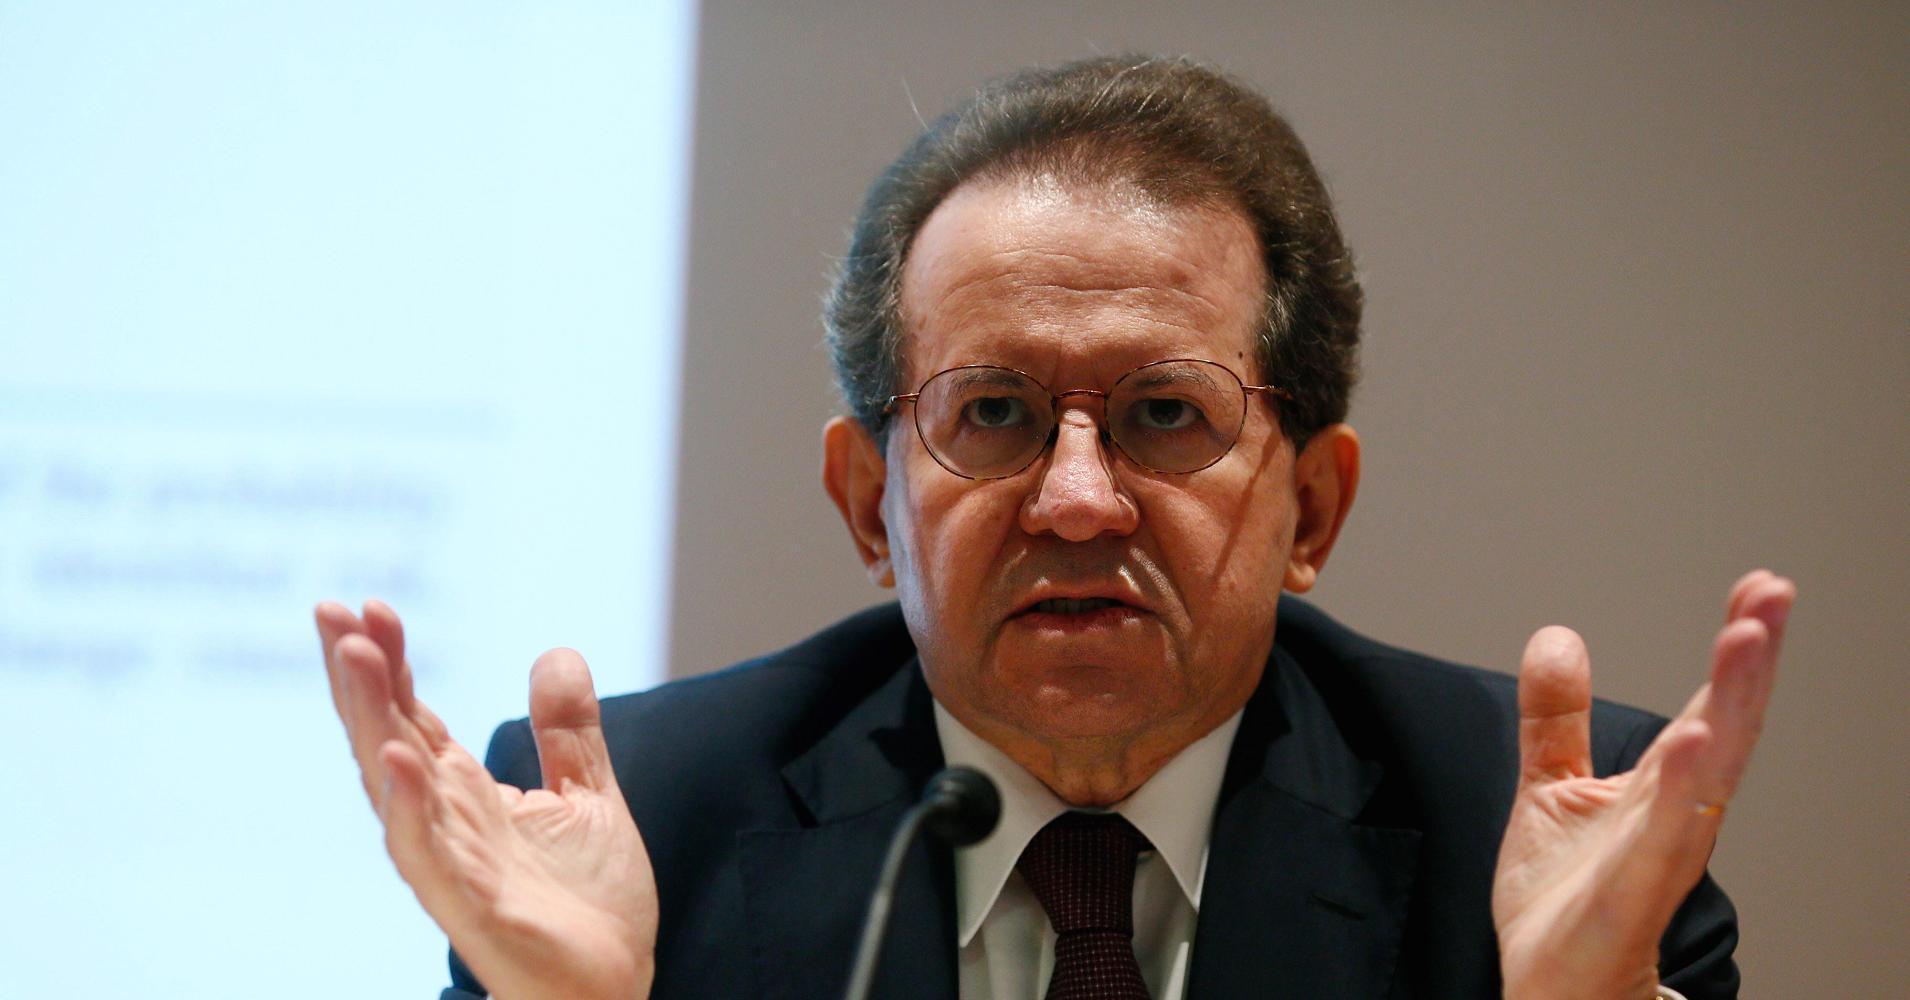 Vitor Constancio. Αντιπρόεδρος ECB